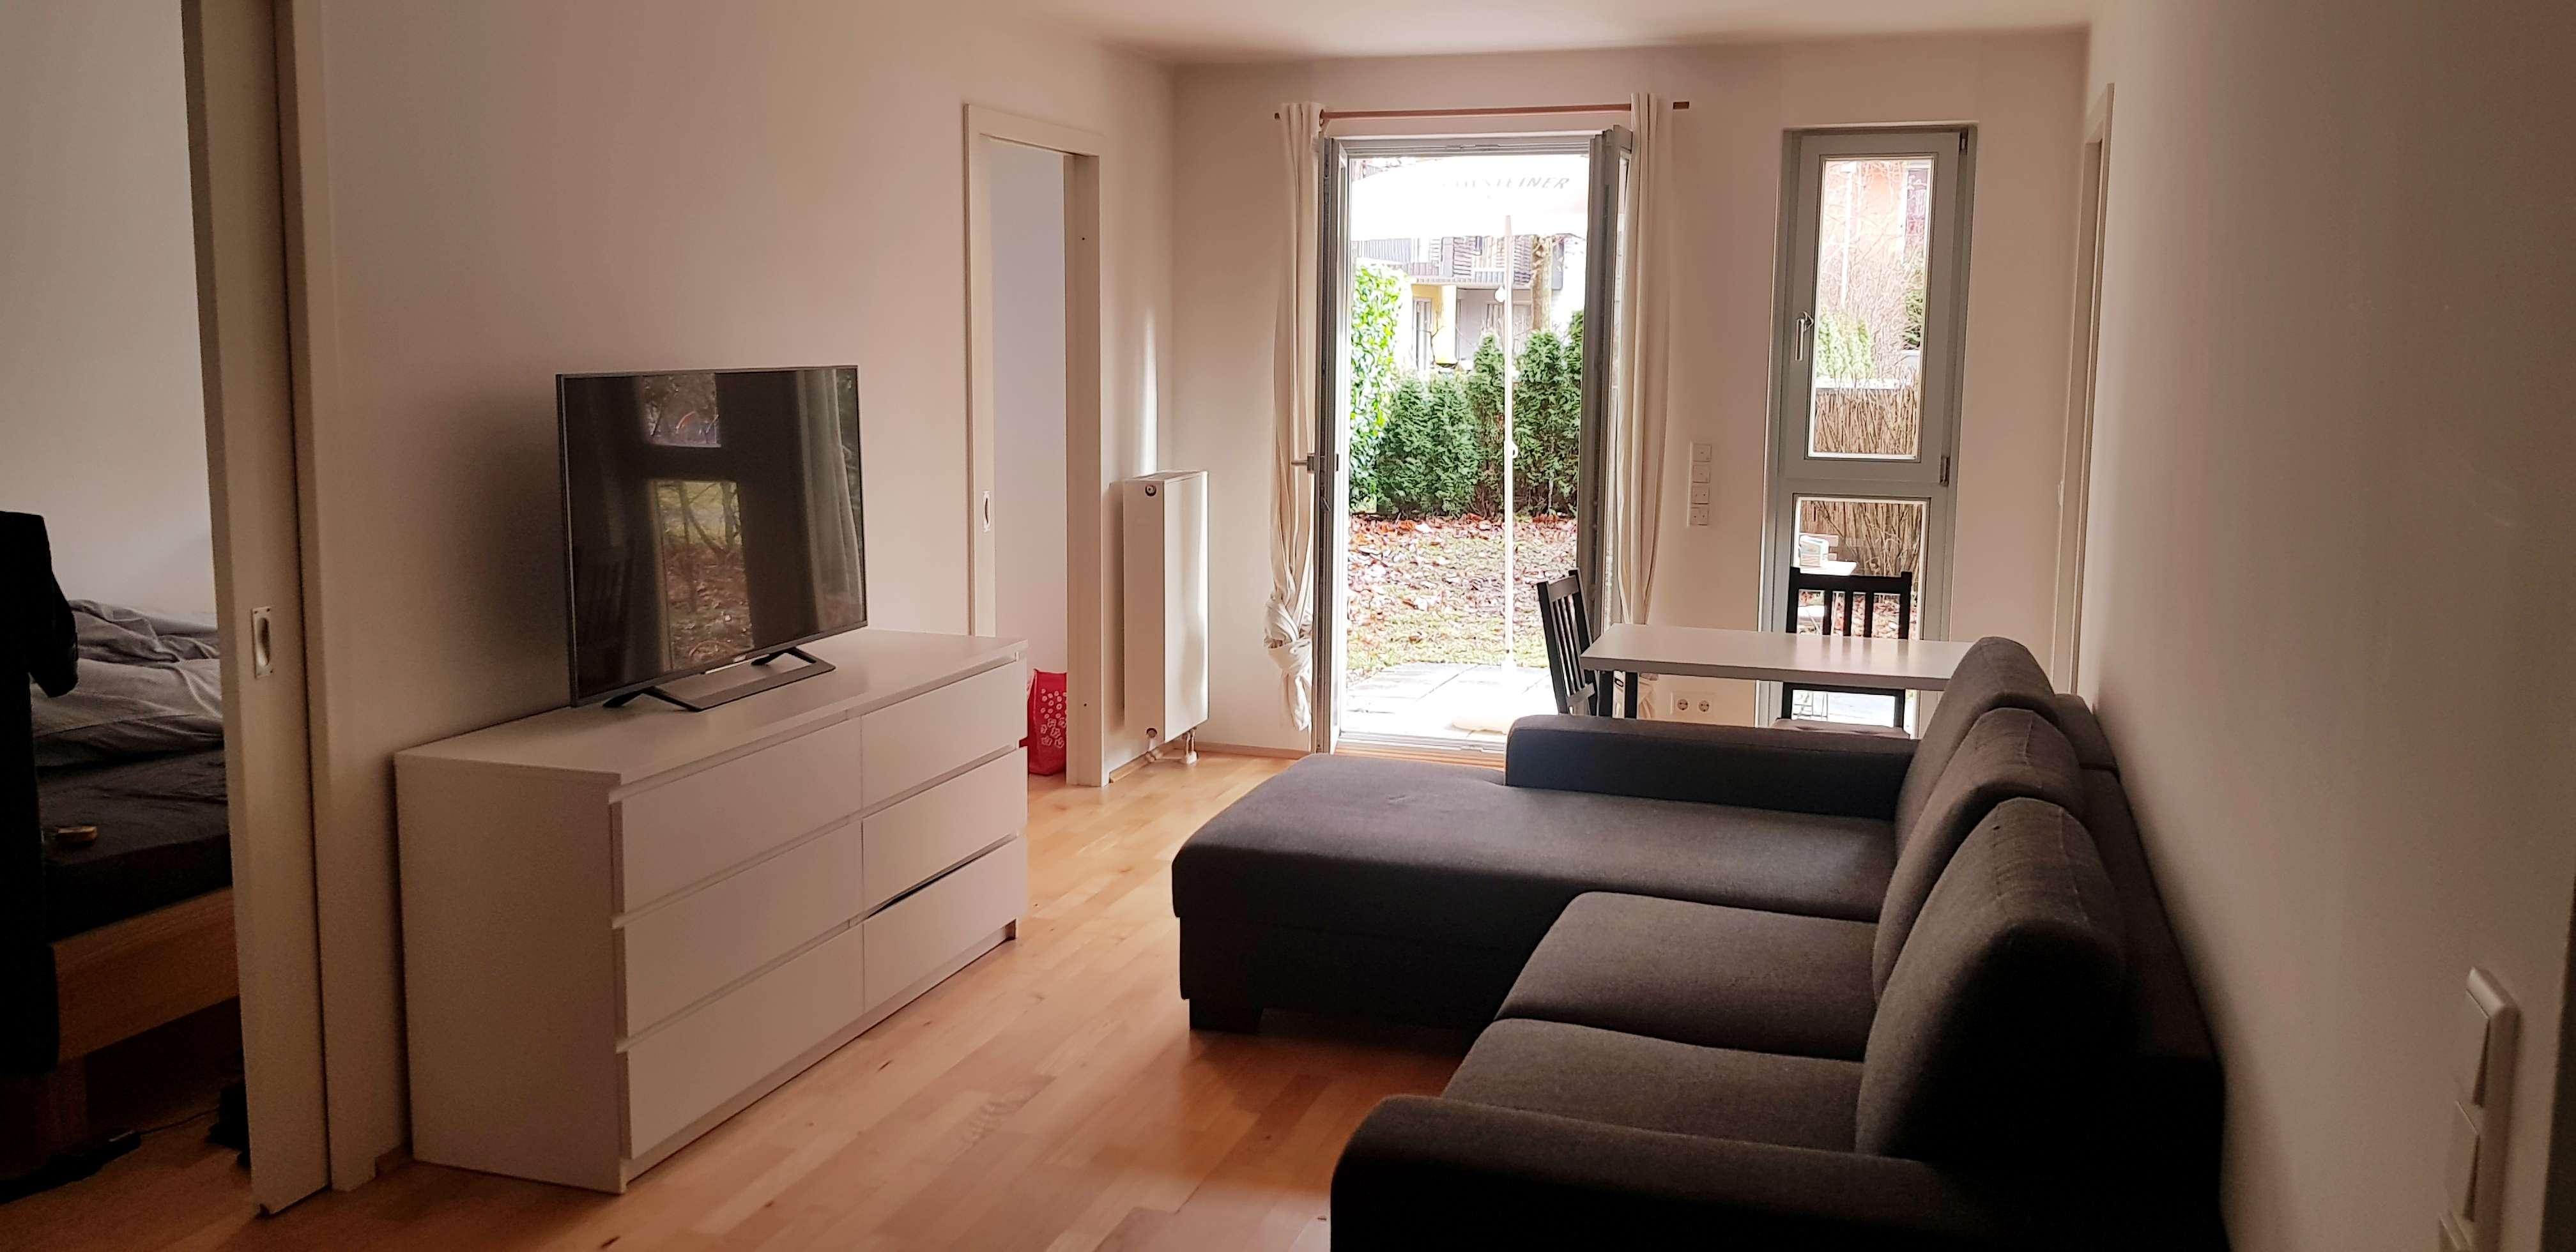 2-Zimmer mit EBK und 60m2 Garten in Ramersdorf (München)